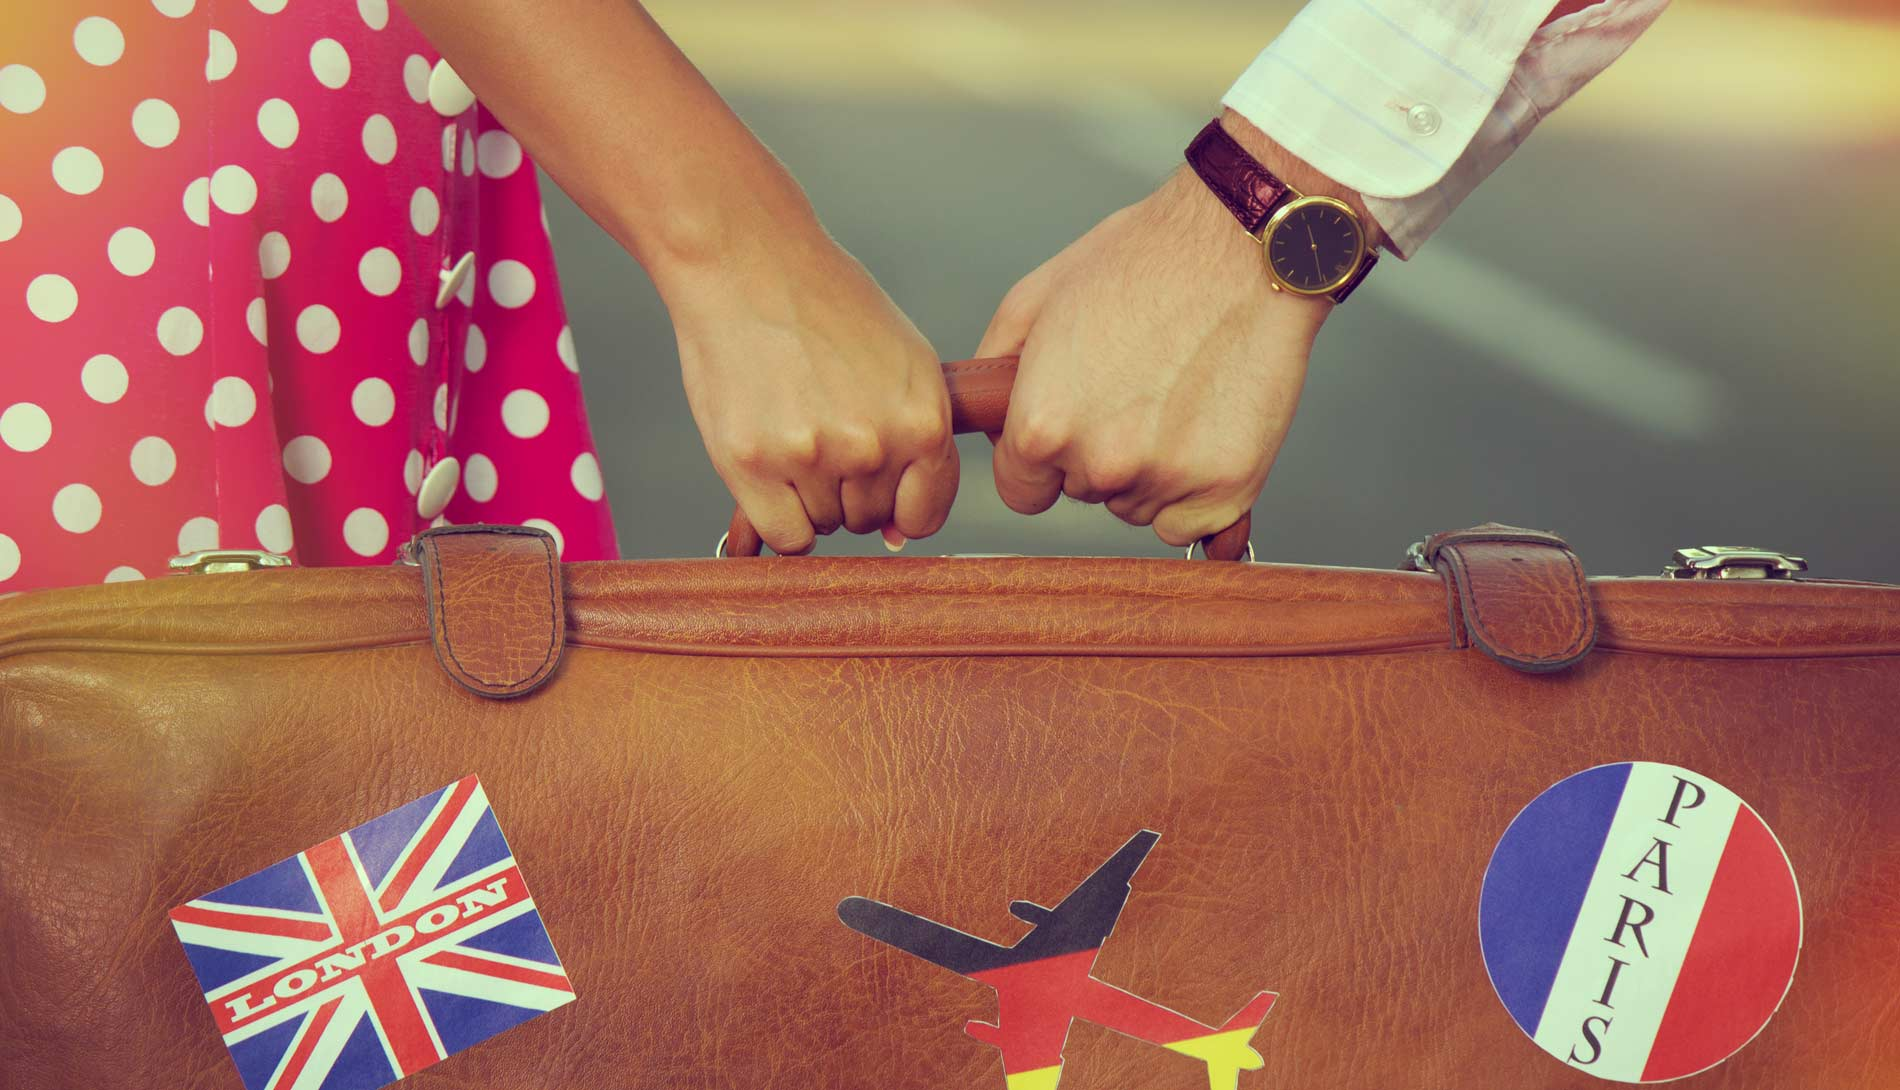 Couple holding suitcase